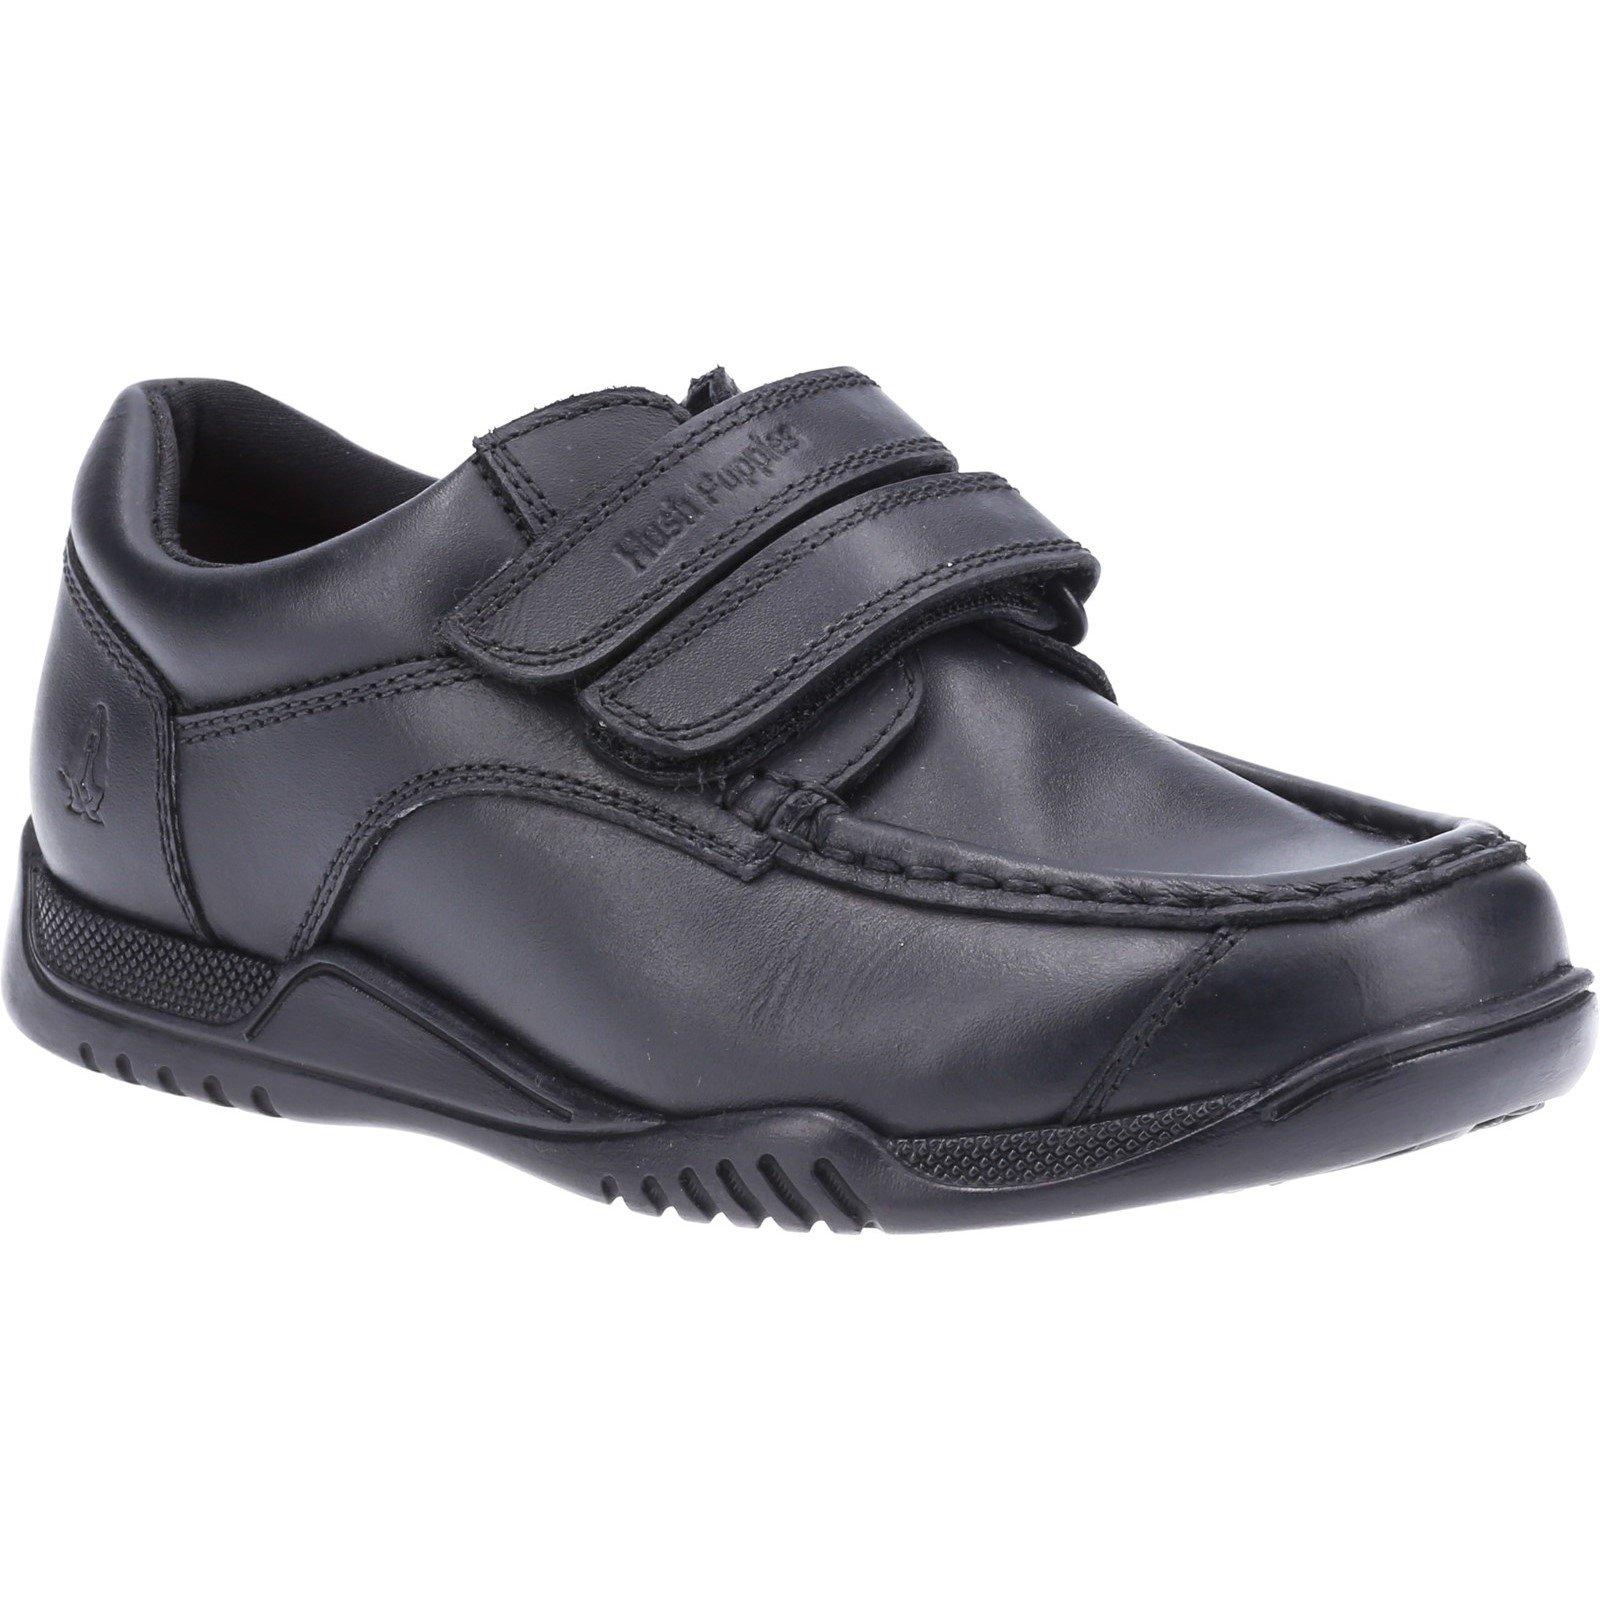 Hush Puppies Kid's Hayden Junior School Shoe Black 32584 - Black 1